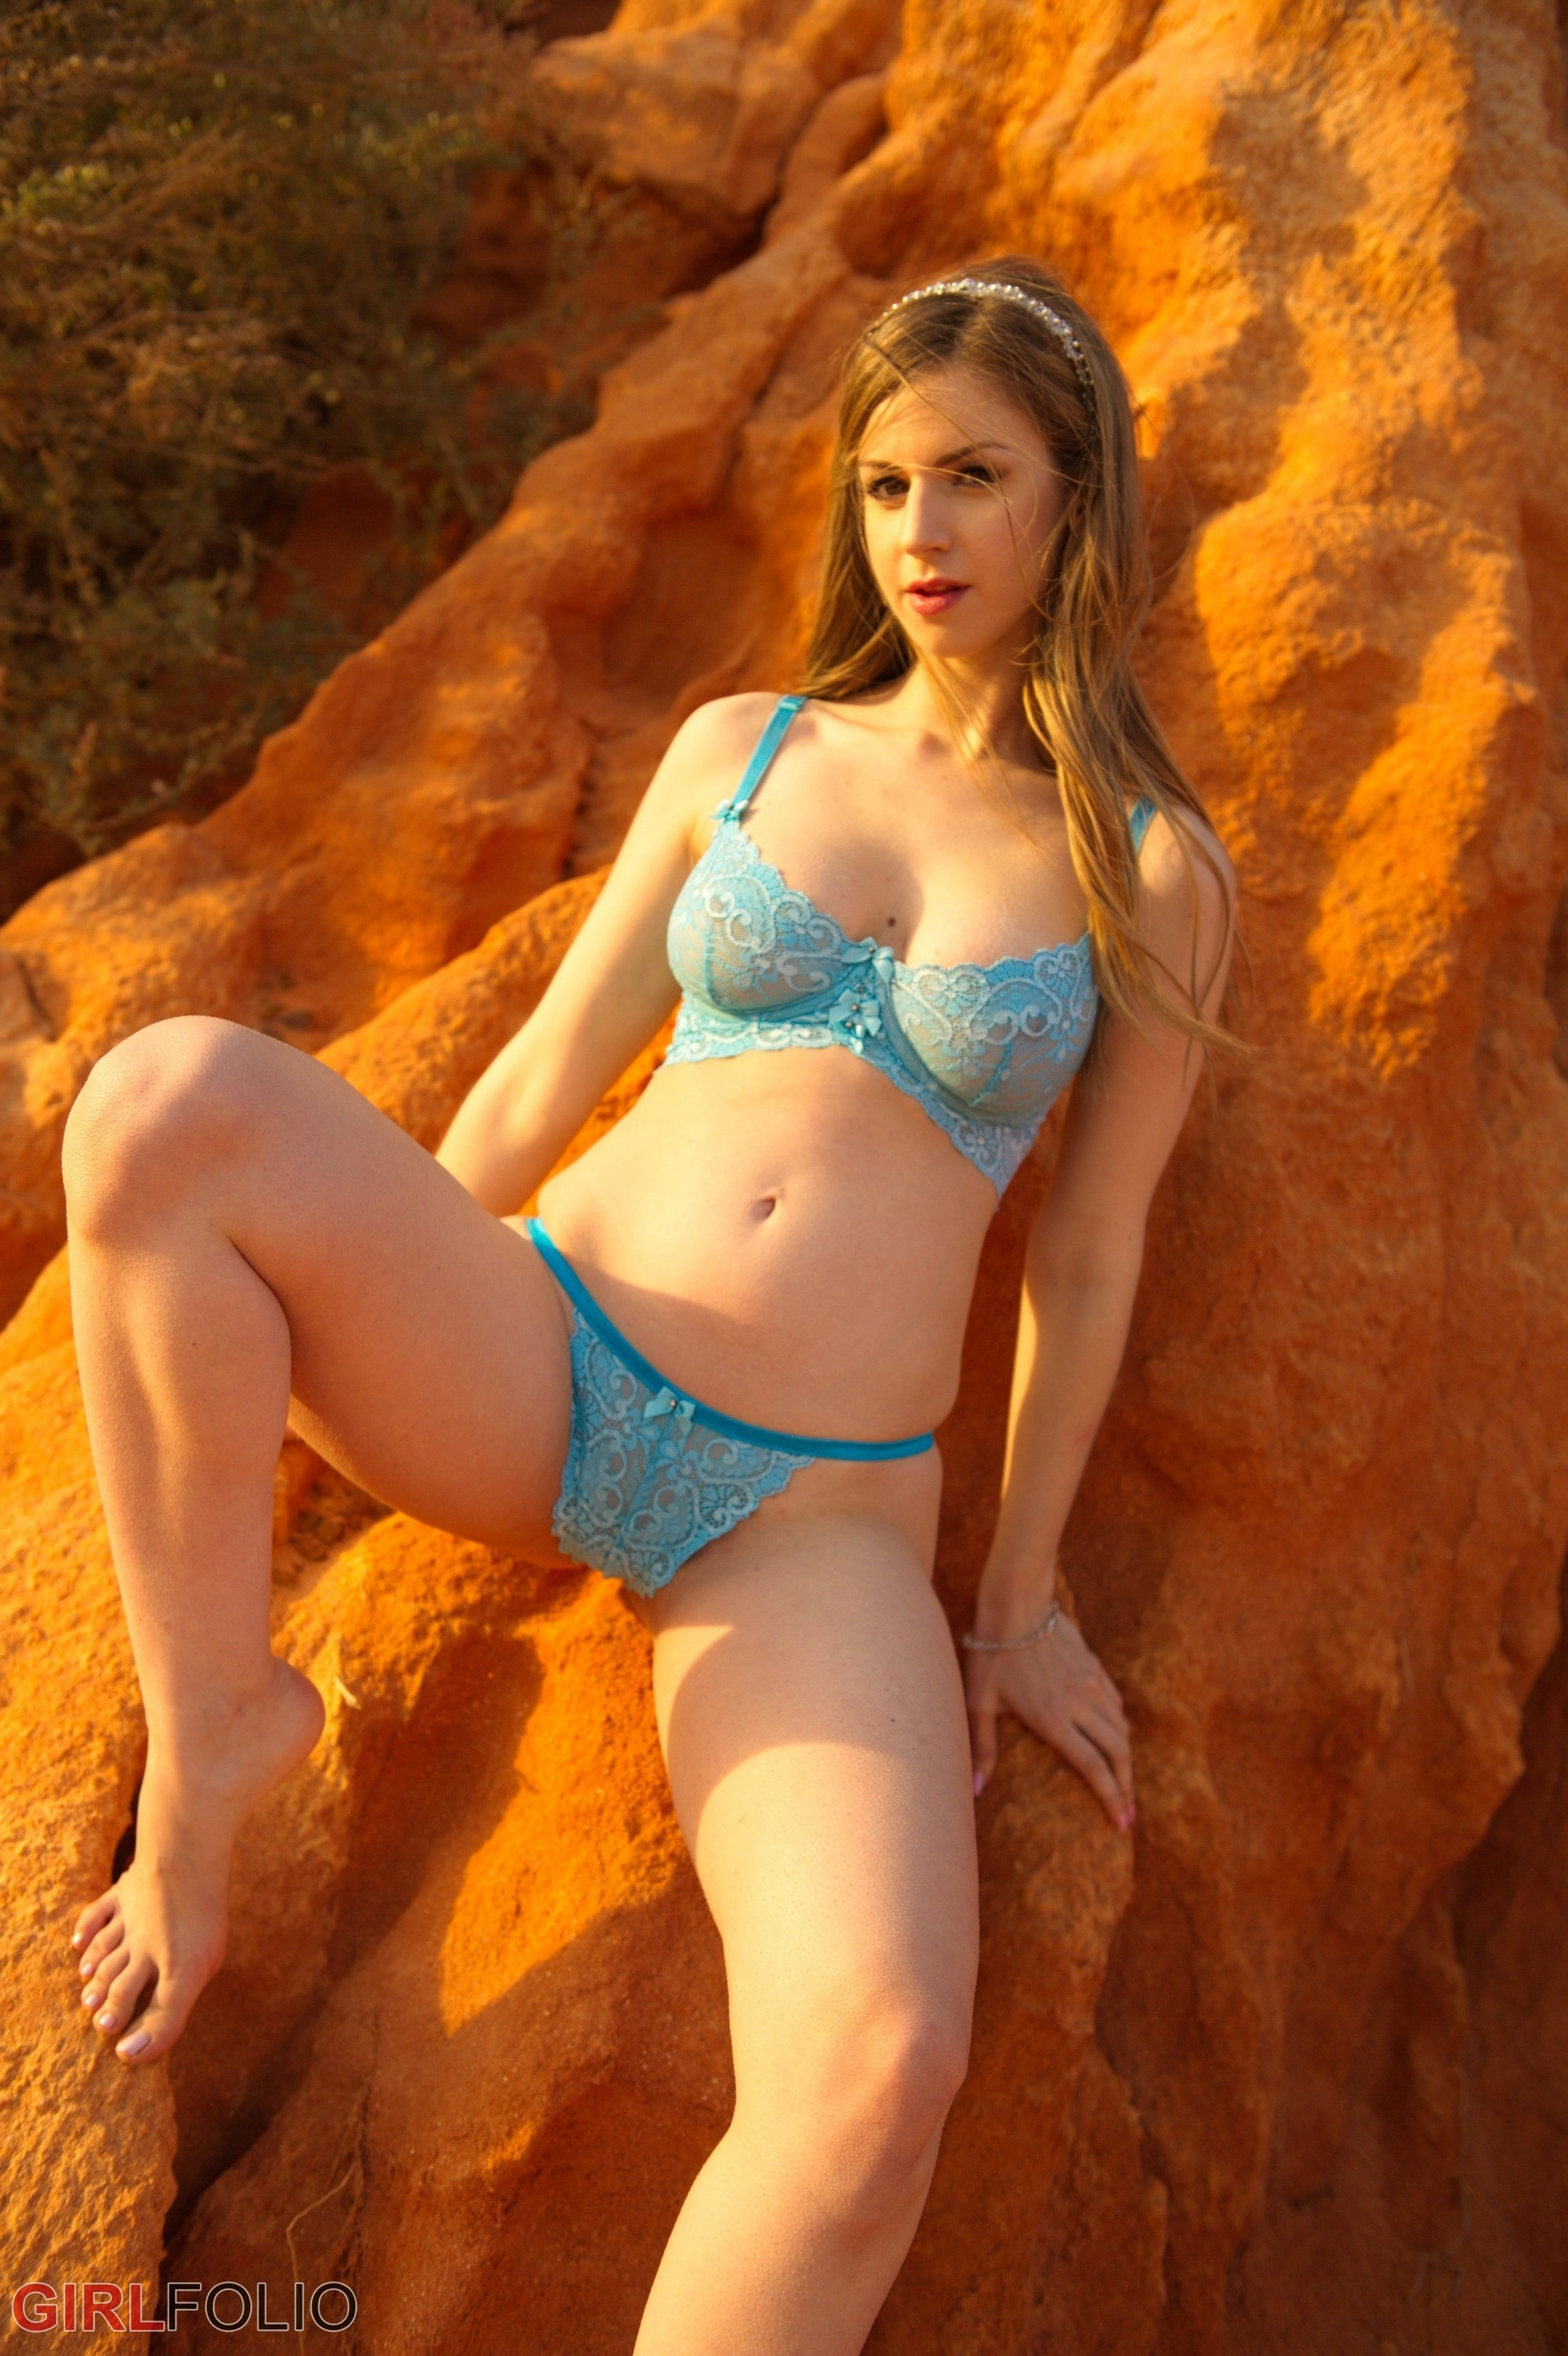 Casual Stella Cox : ModelsGoneMild